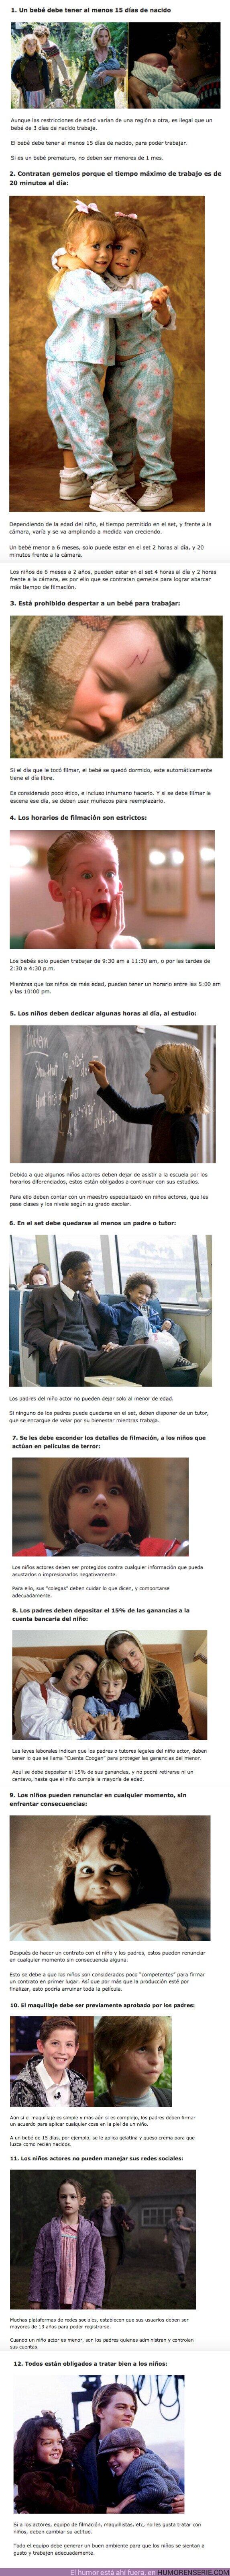 75535 - GALERÍA: 12 Reglas que están obligados a seguir en HOLLYWOOD para contrata a un niño actor